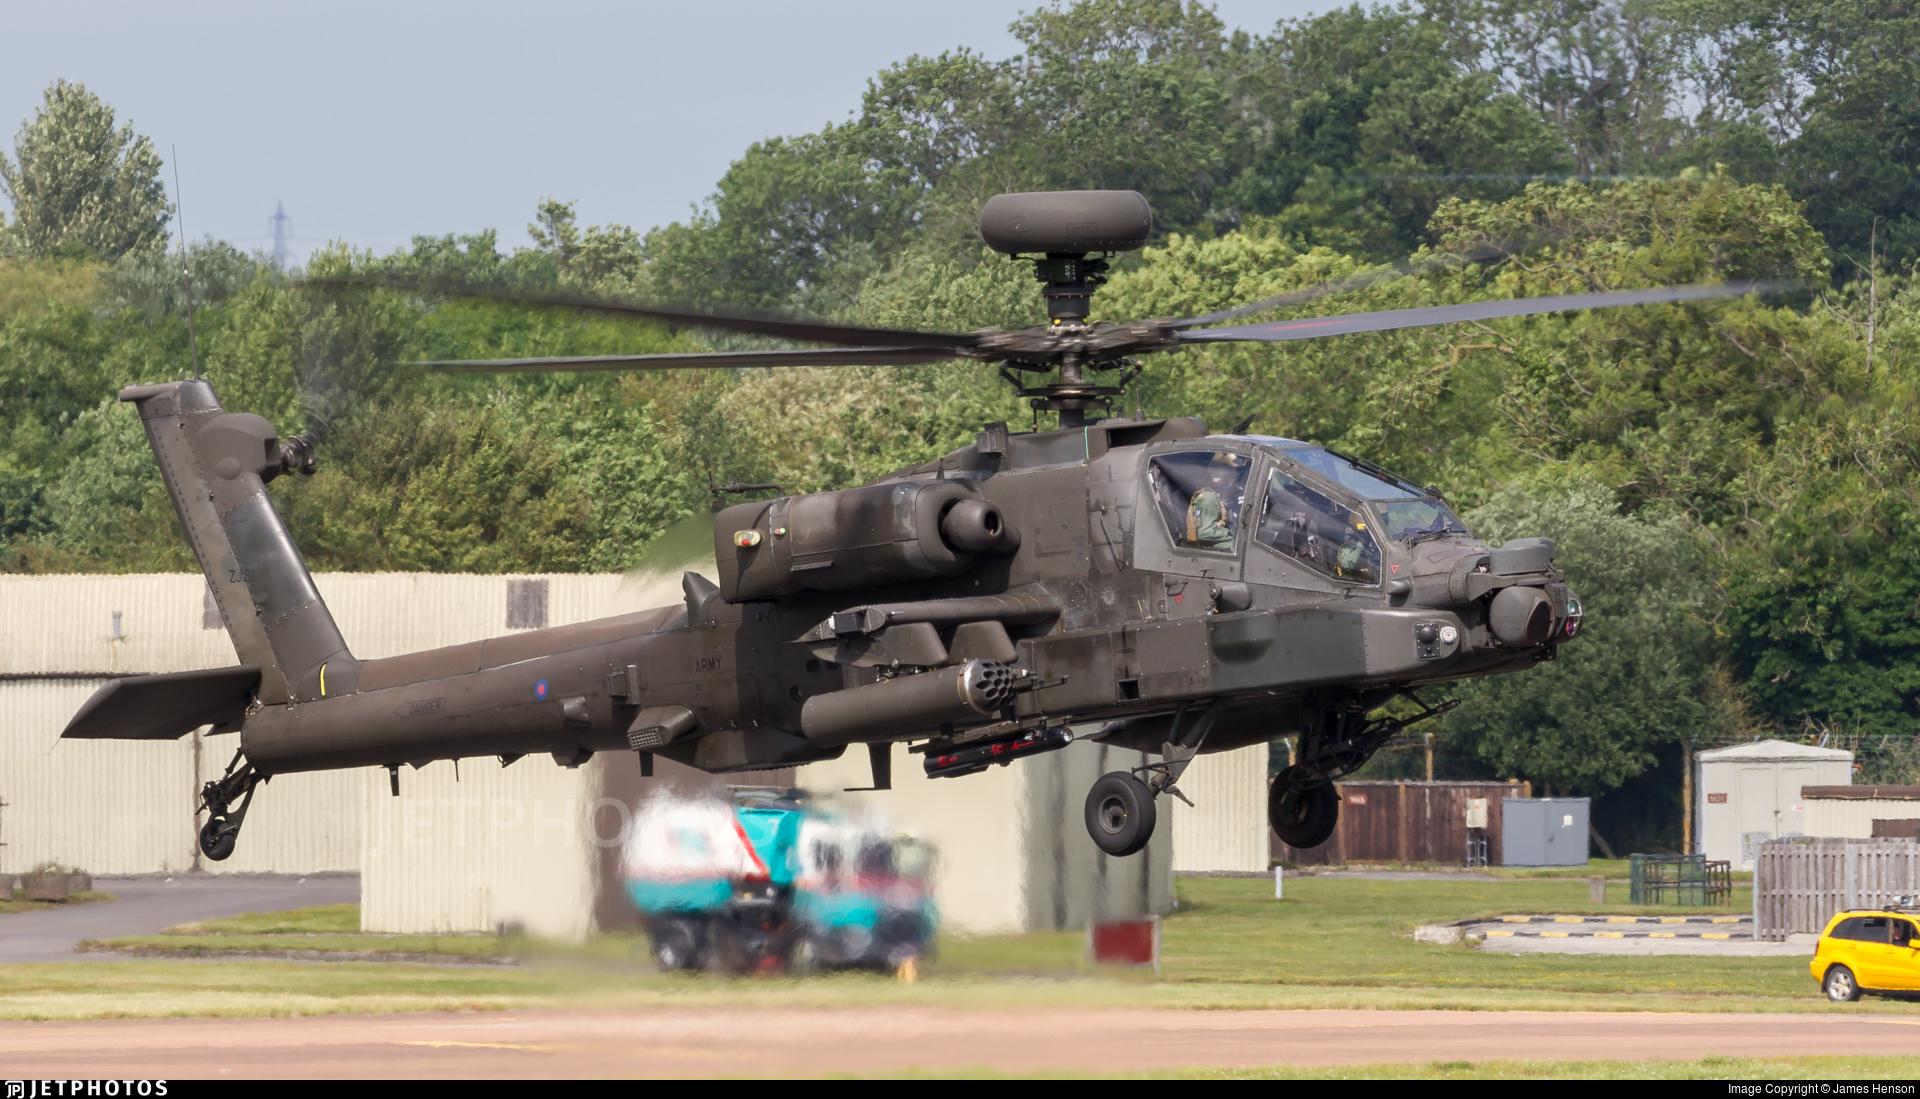 ZJ181 - Westland Apache AH.1 - United Kingdom - Army Air Corps